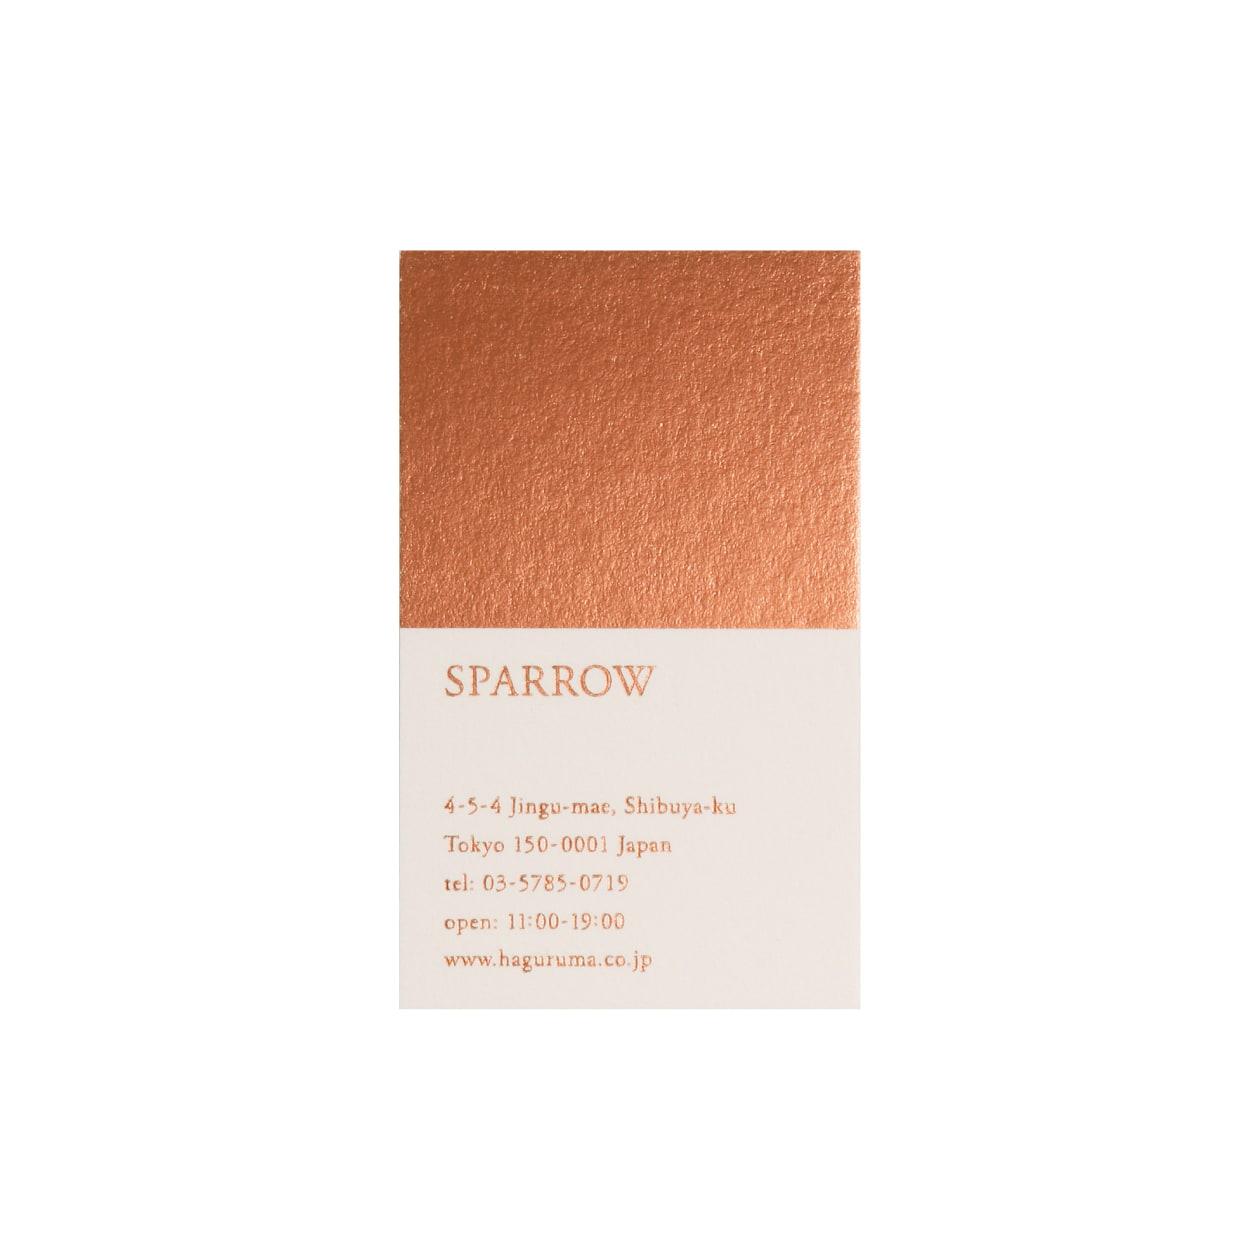 サンプル カード・シート 00128